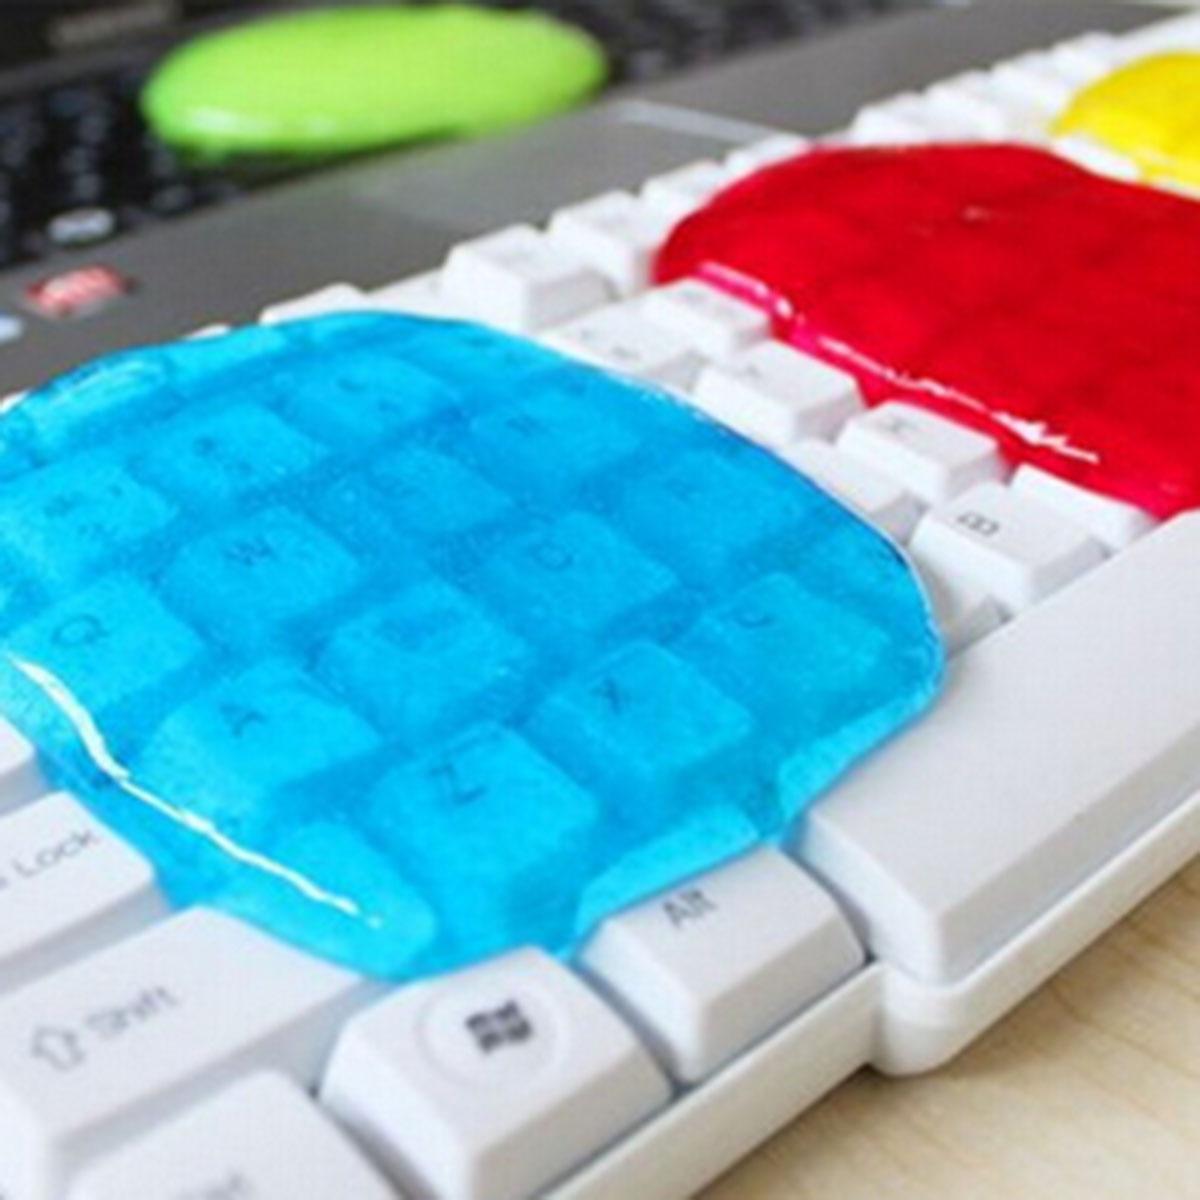 Líquido de Limpeza Gel para Telefone Mágico Composto Super Limpo Slijmerige Portátil Computador Toetsenbord 10 Pçs pó